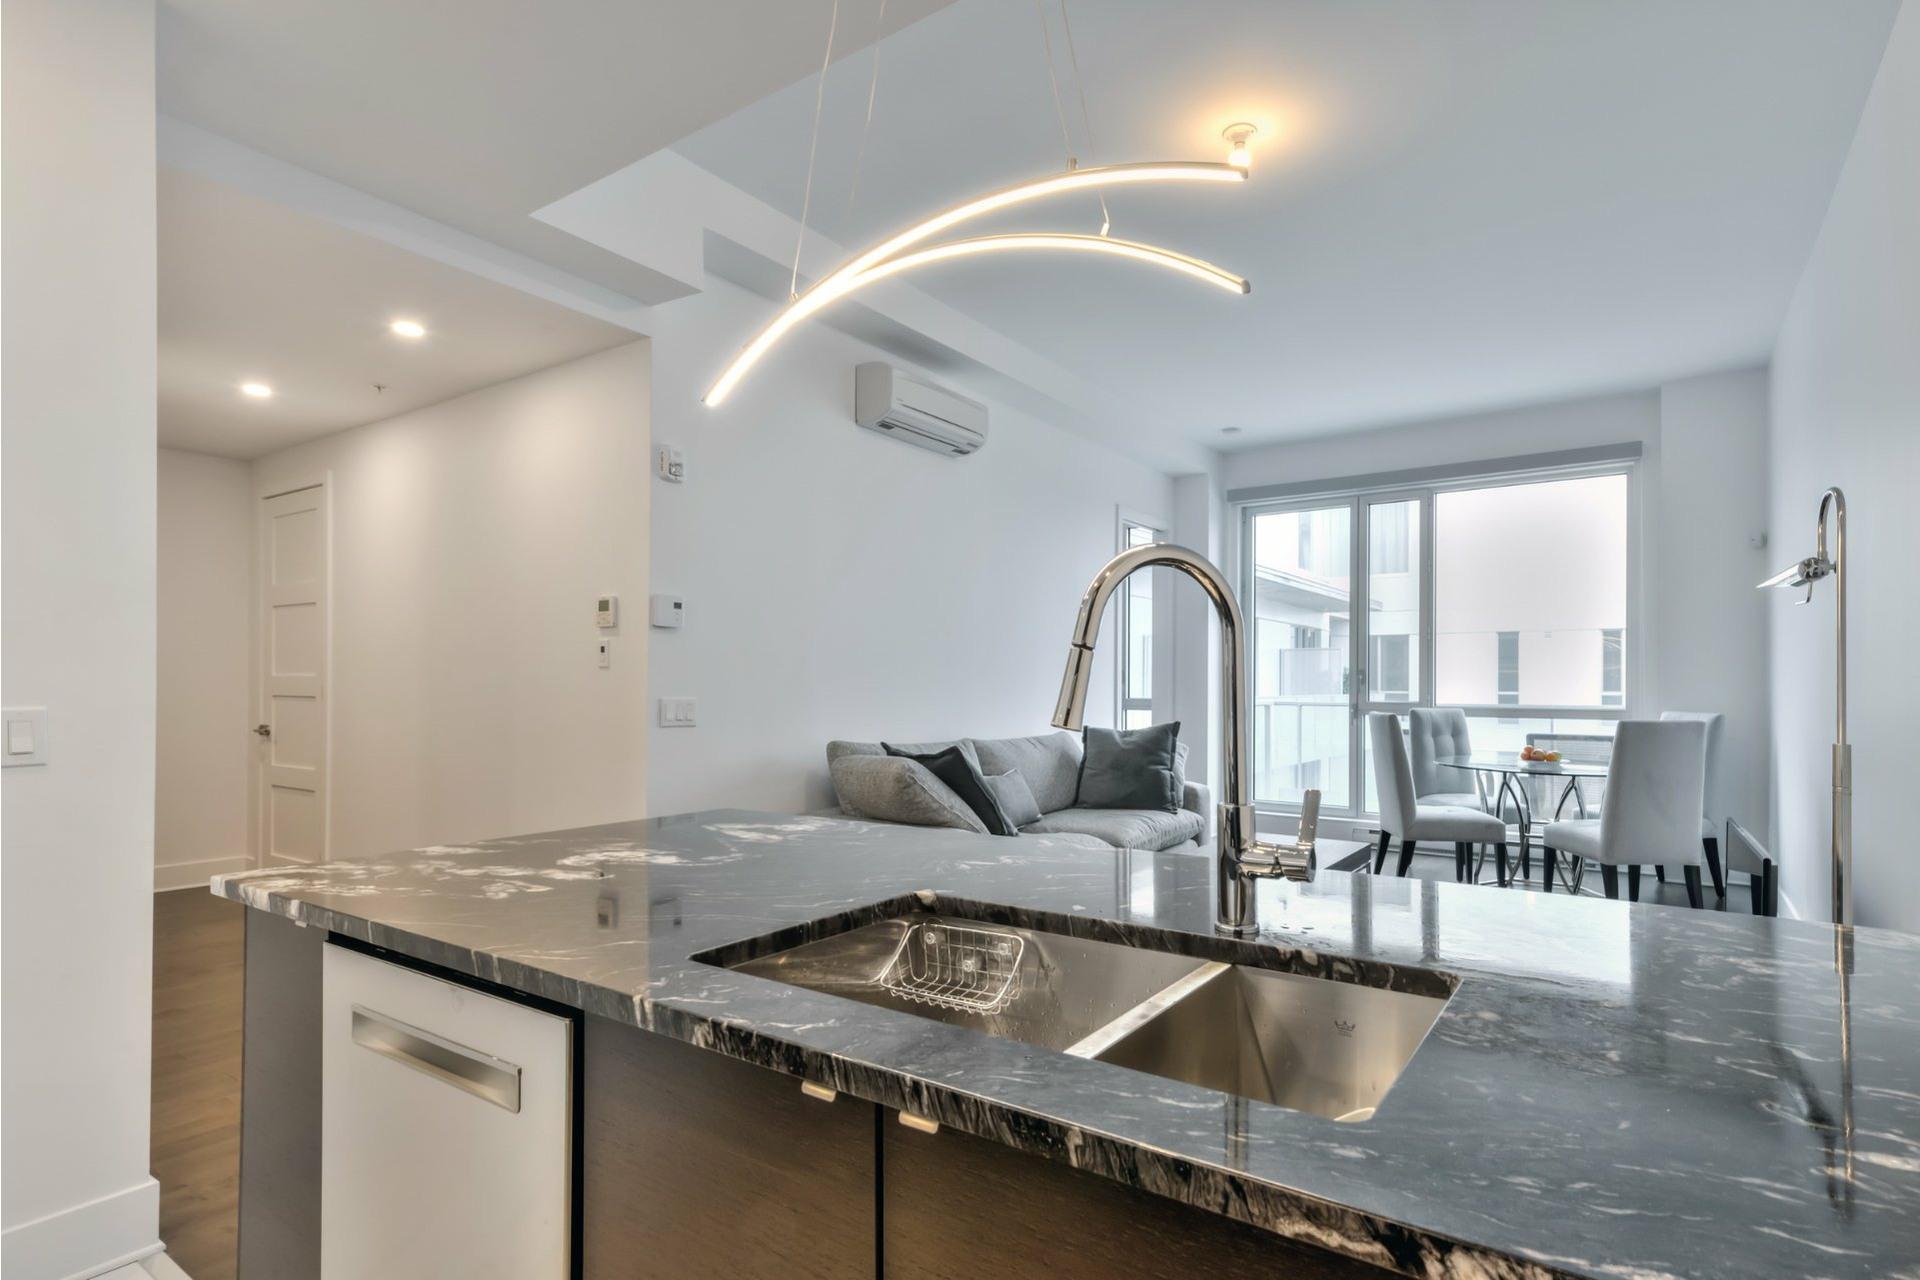 image 9 - Apartment For sale Côte-des-Neiges/Notre-Dame-de-Grâce Montréal  - 4 rooms